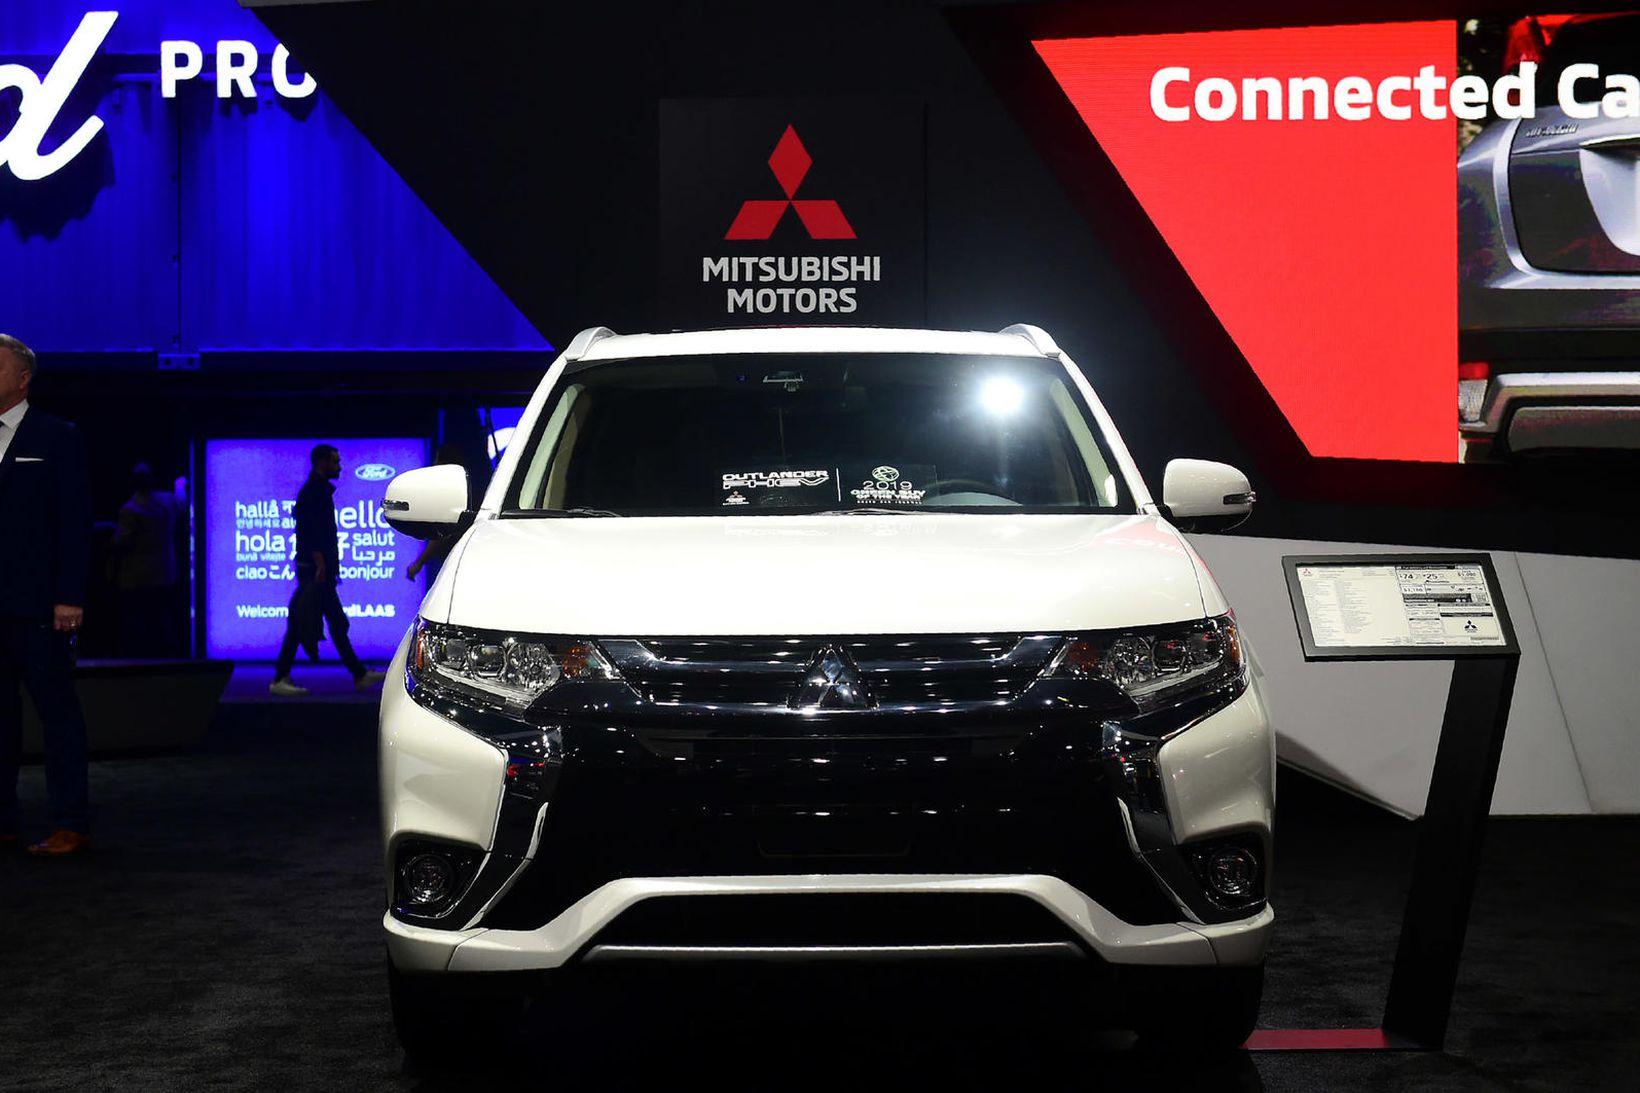 Tvinnbíllinn Mitsubishi Outlander (PHEV).